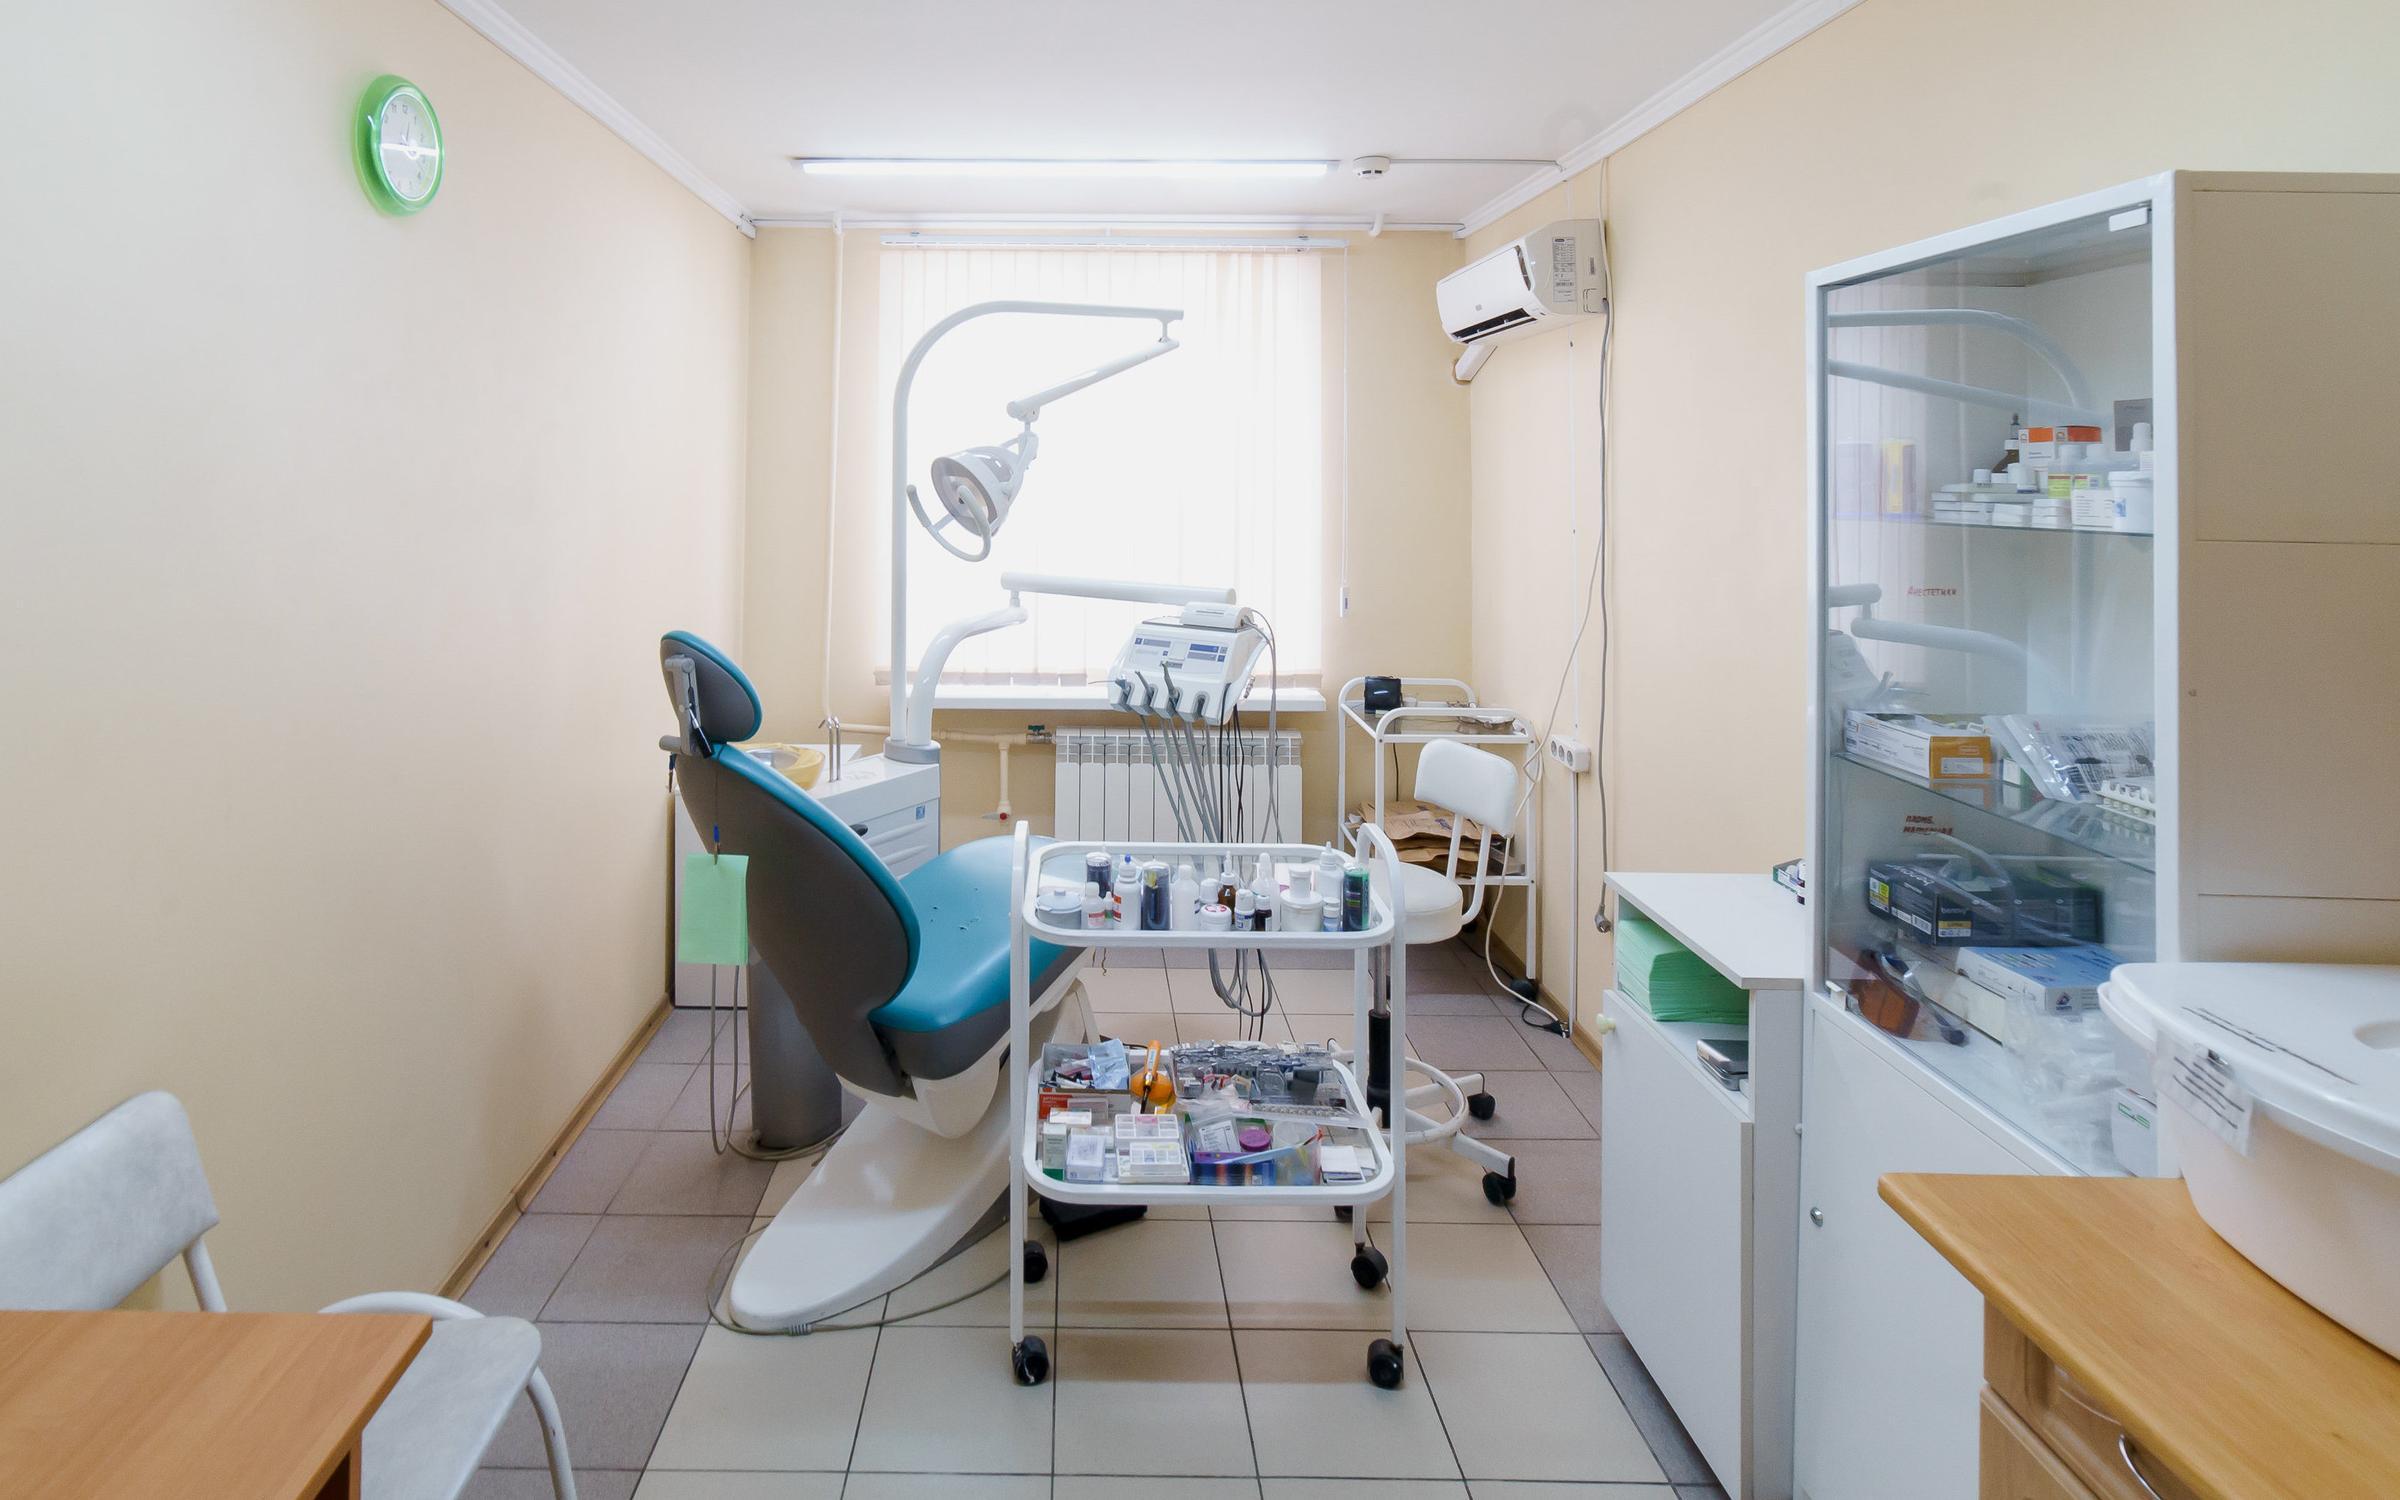 фотография Стоматологической клиники ДентаЛюкс на проспекте Кораблестроителей